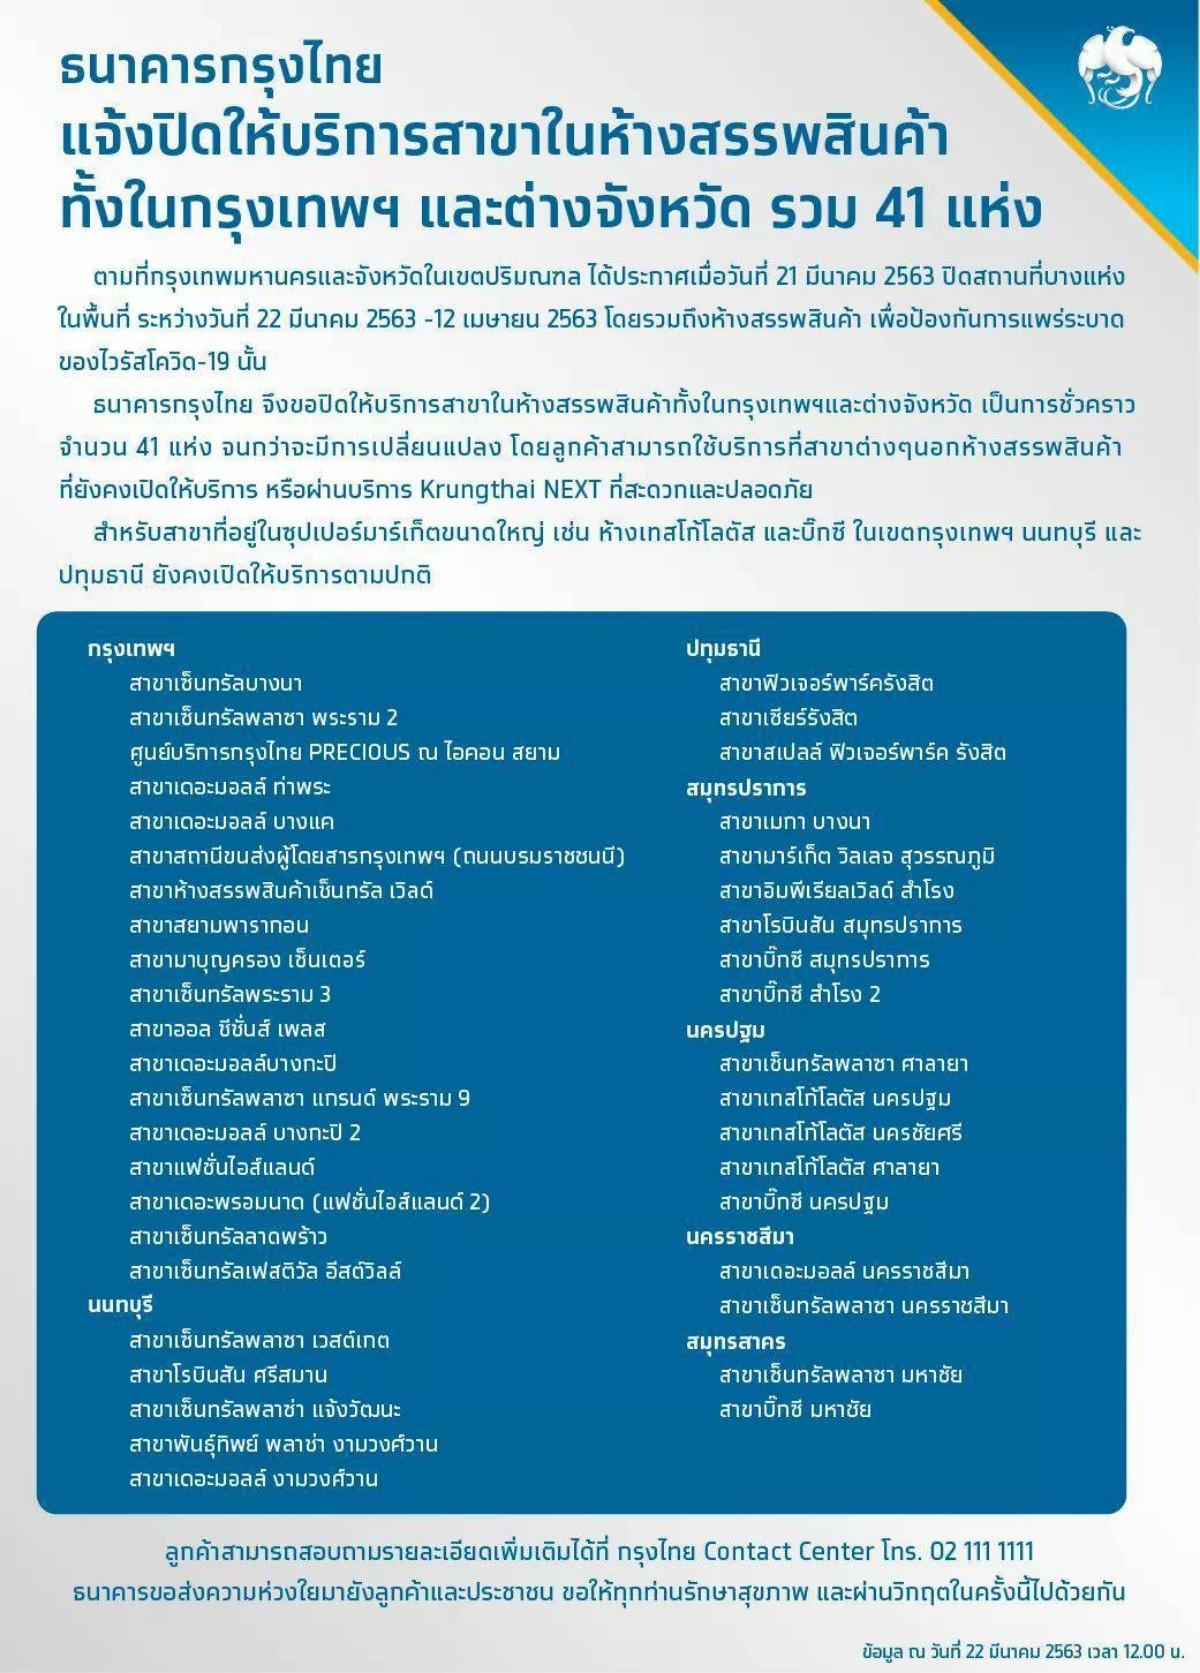 กรุงไทยปิดให้บริการสาขาในห้างฯ รวม 41 แห่งเป็นการชั่วคราว